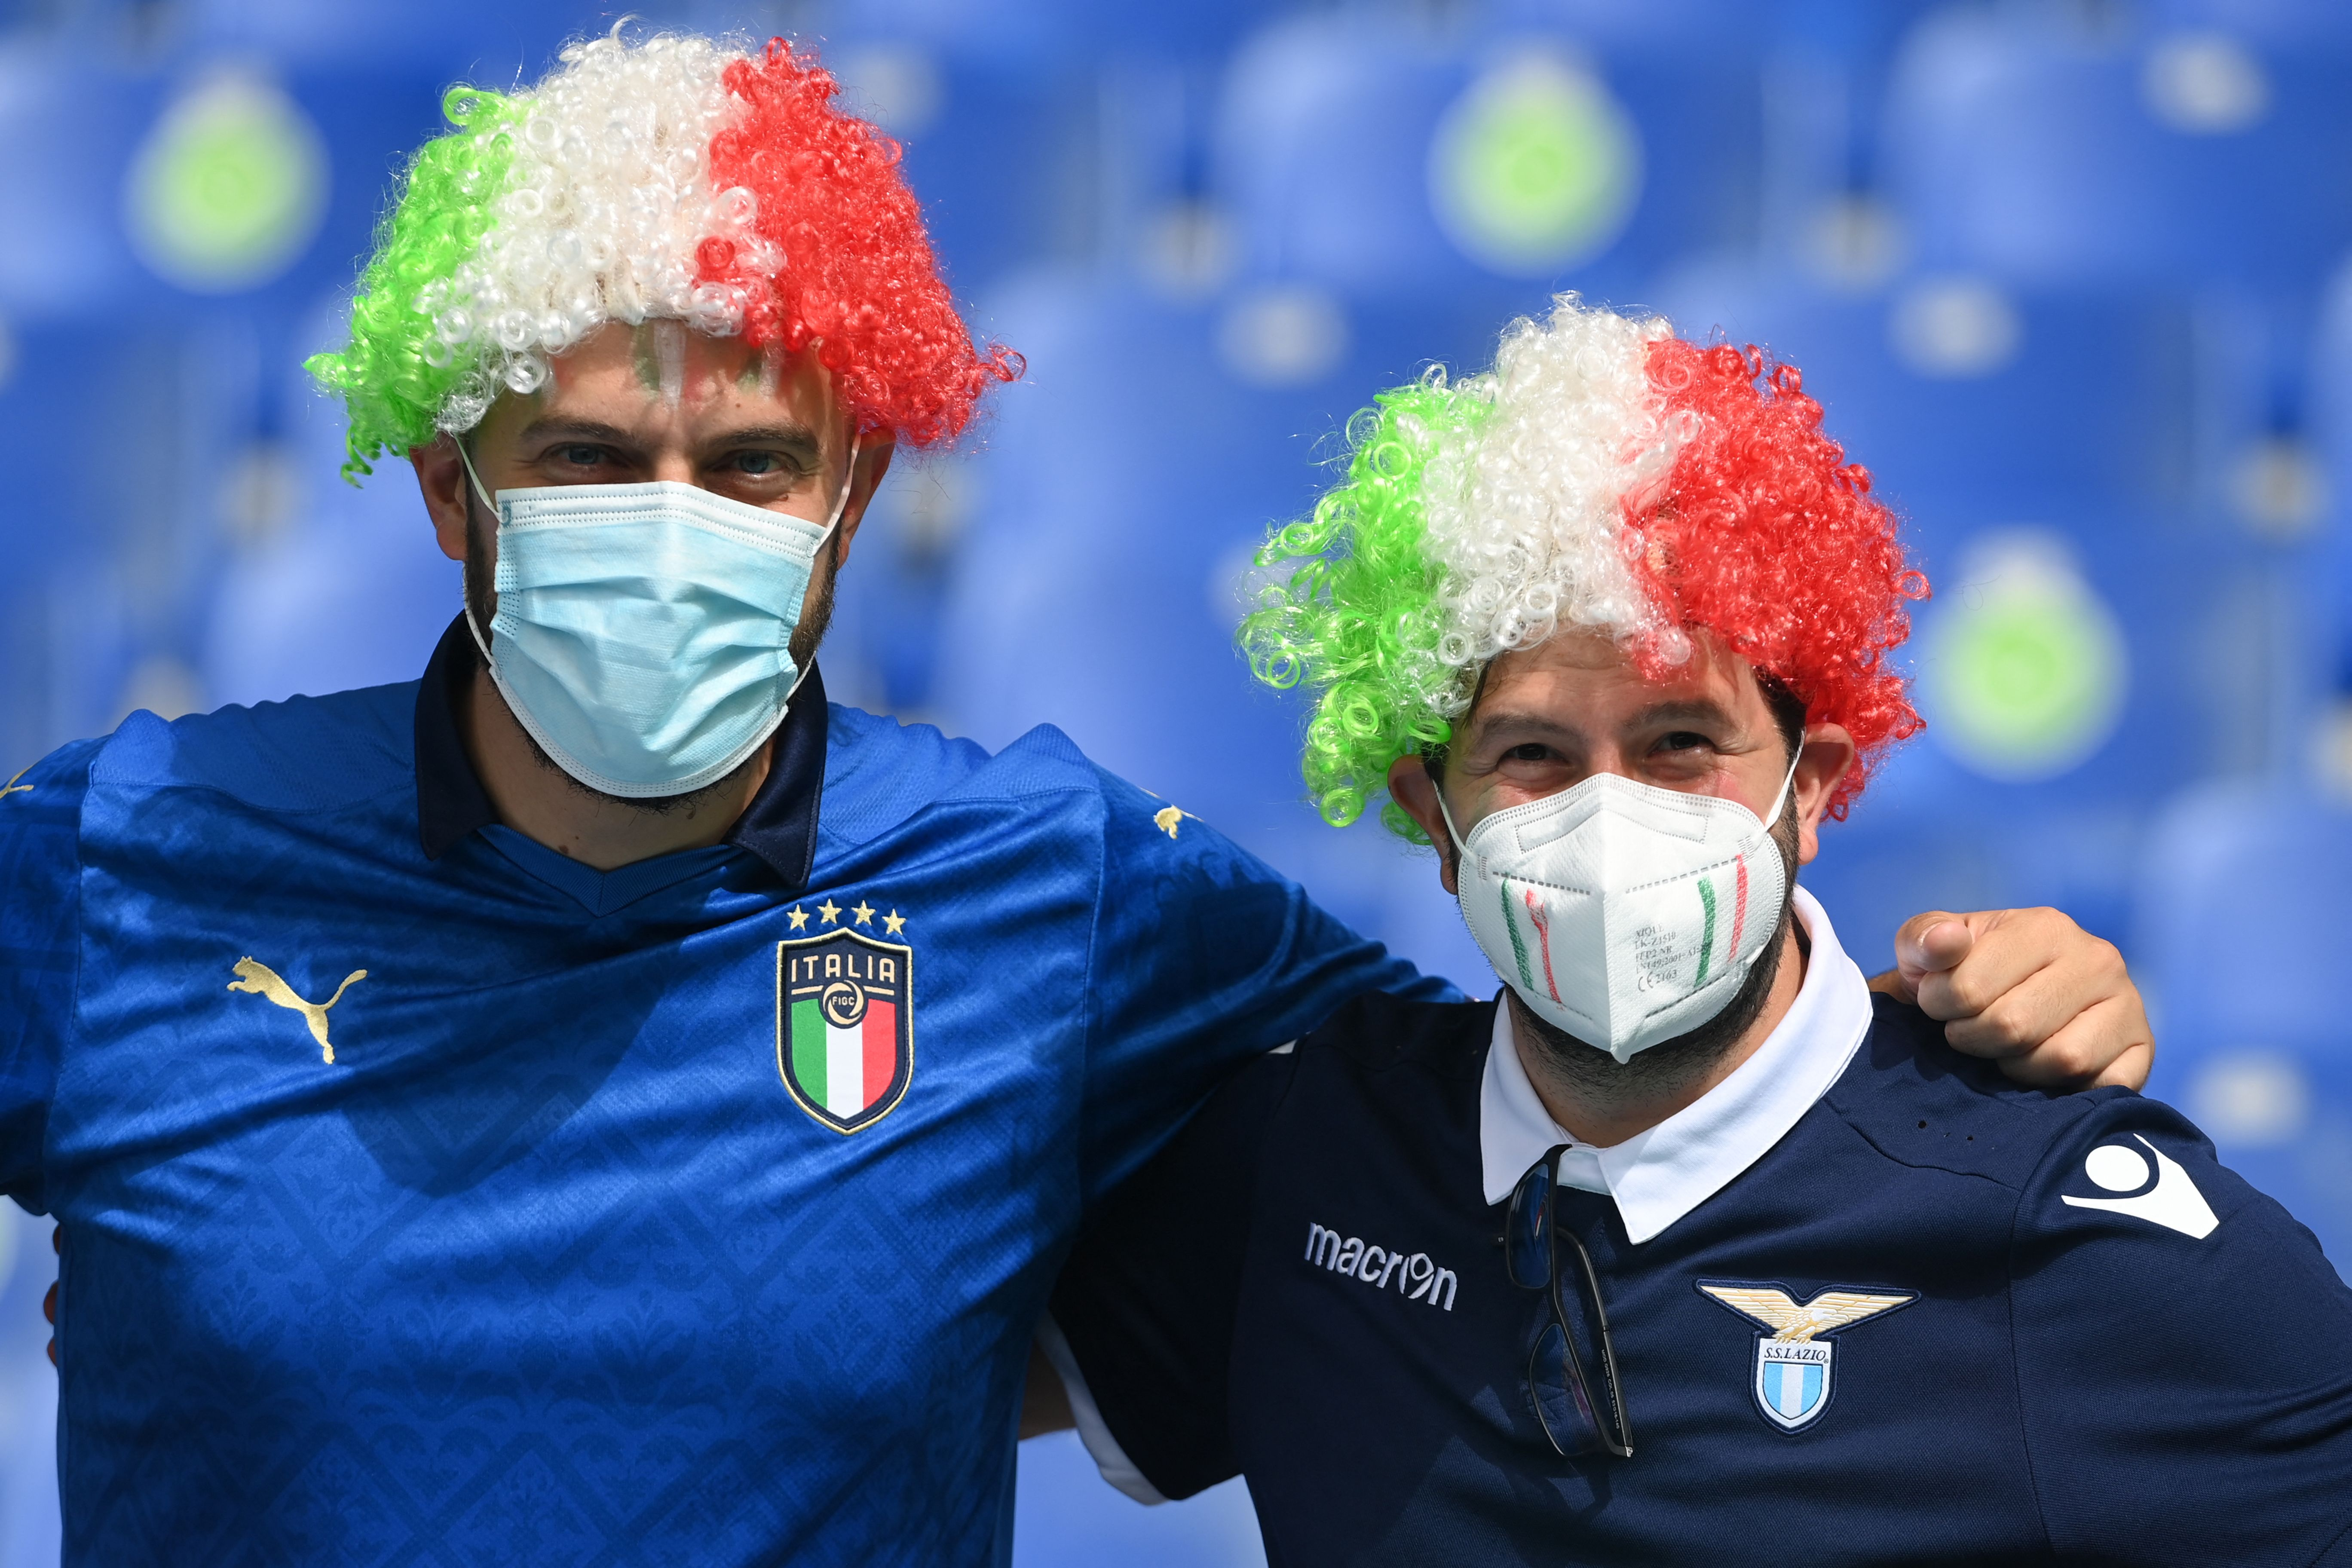 Los fanáticos de Italia posan con máscaras como precaución contra la transmisión del nuevo coronavirus antes del partido de fútbol del Grupo A de la UEFA EURO 2020 entre Italia y Gales en el Estadio Olímpico de Roma el 20 de junio de 2021